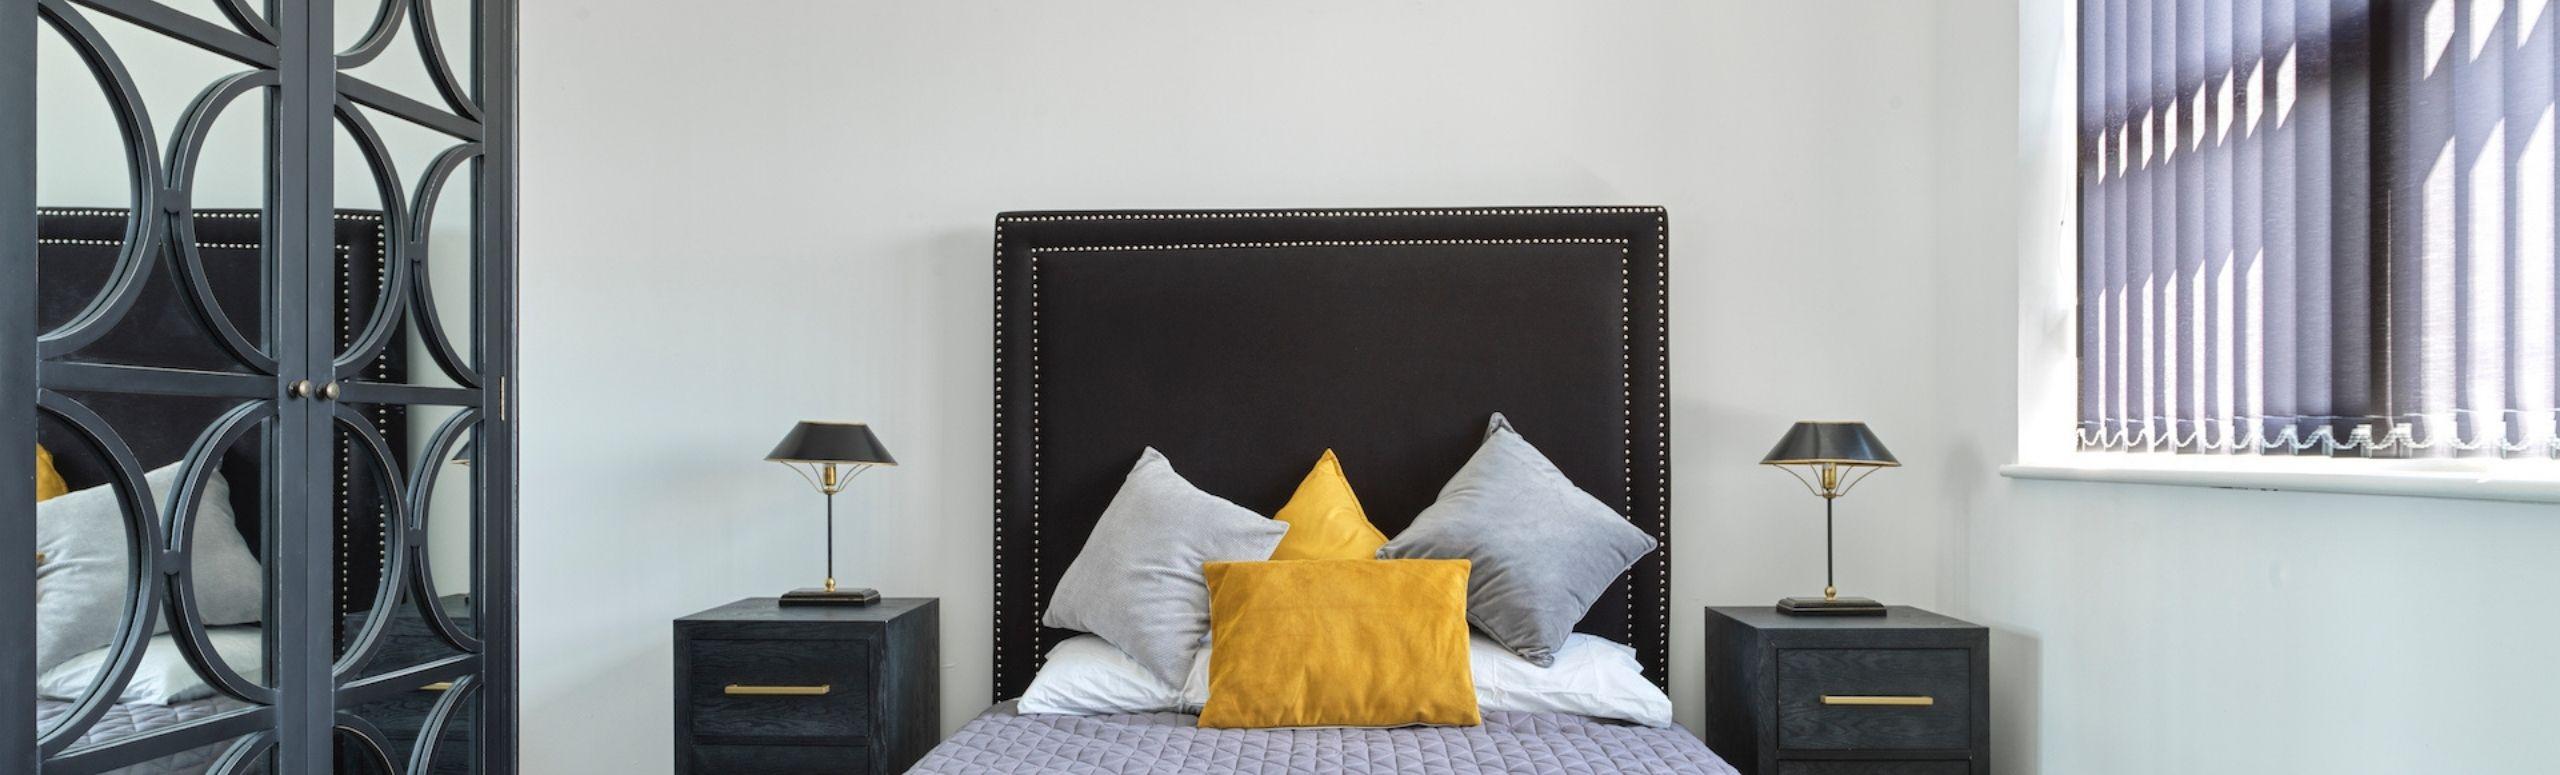 Stonecross Bedroom - Full Width Carousel